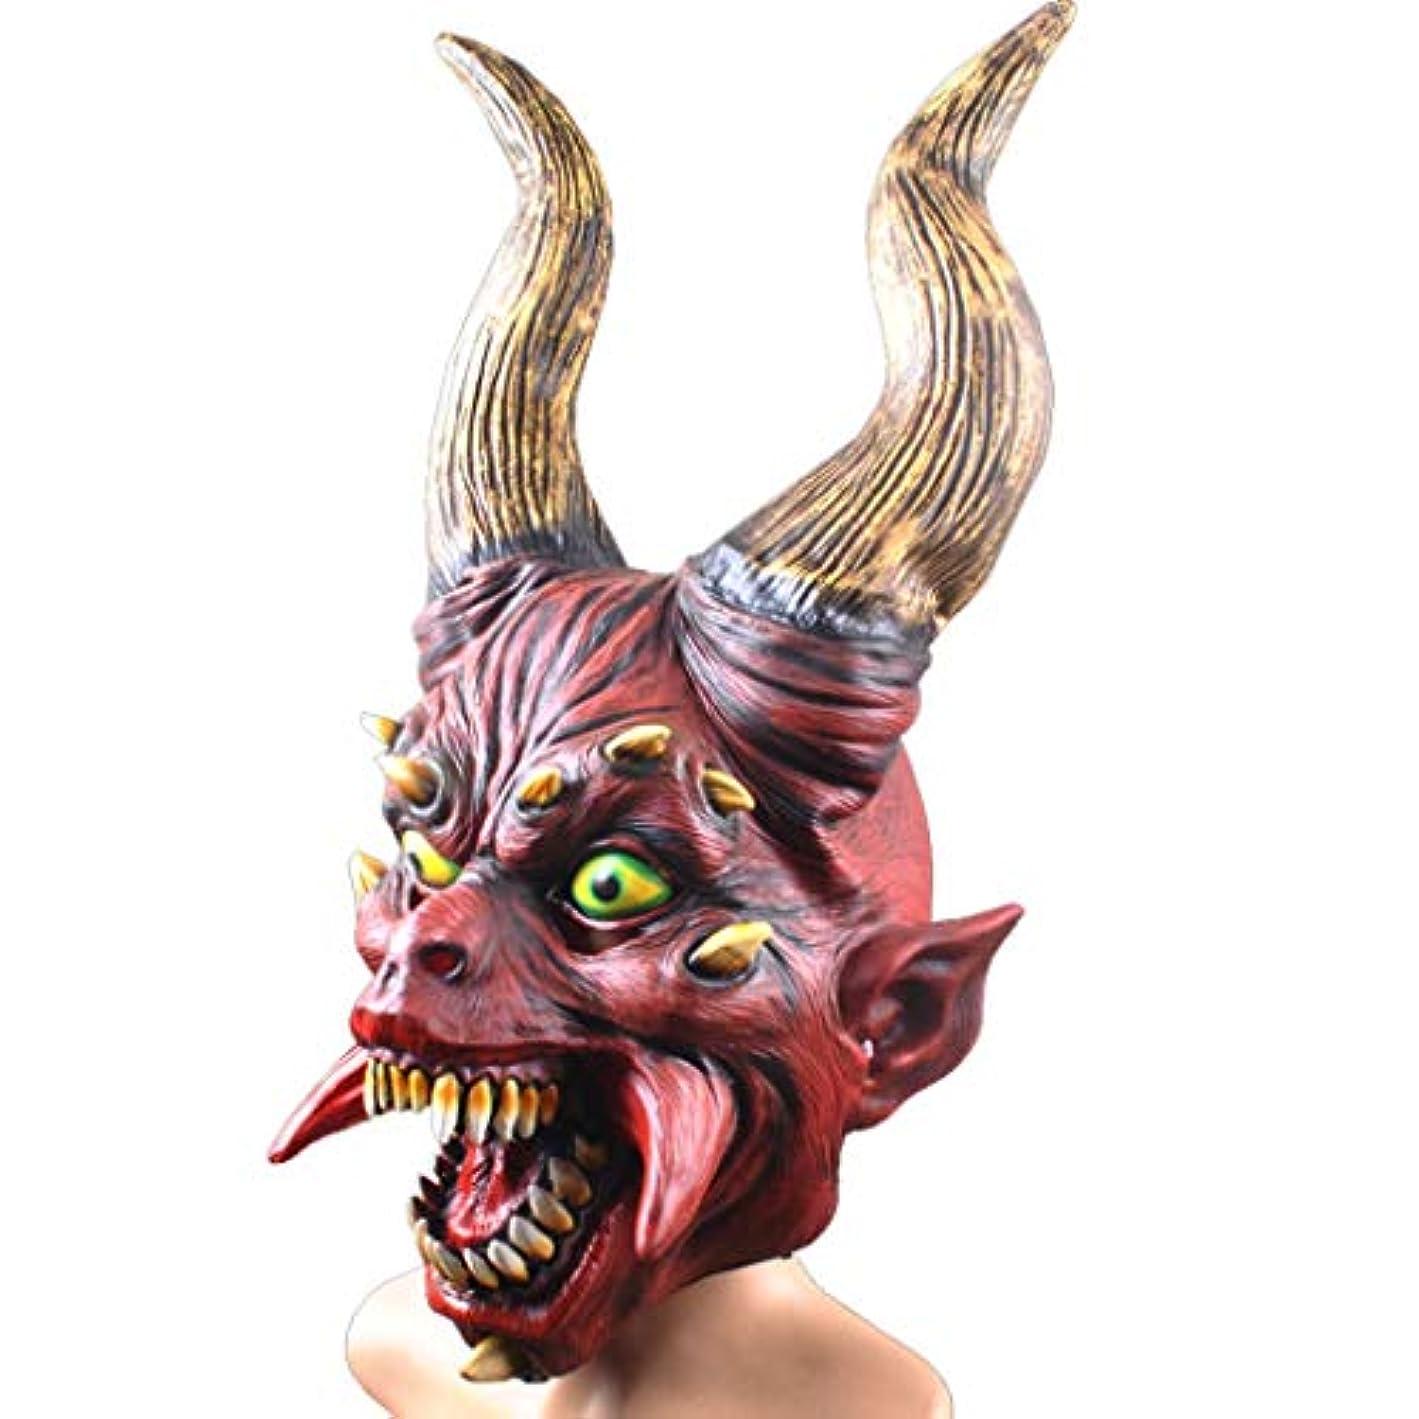 ねじれ沈黙踏みつけハロウィーン仮装ドレスアップ小道具全体人悪魔ホラーゴーストフェイスフードラテックスフードドラゴンキングマスク